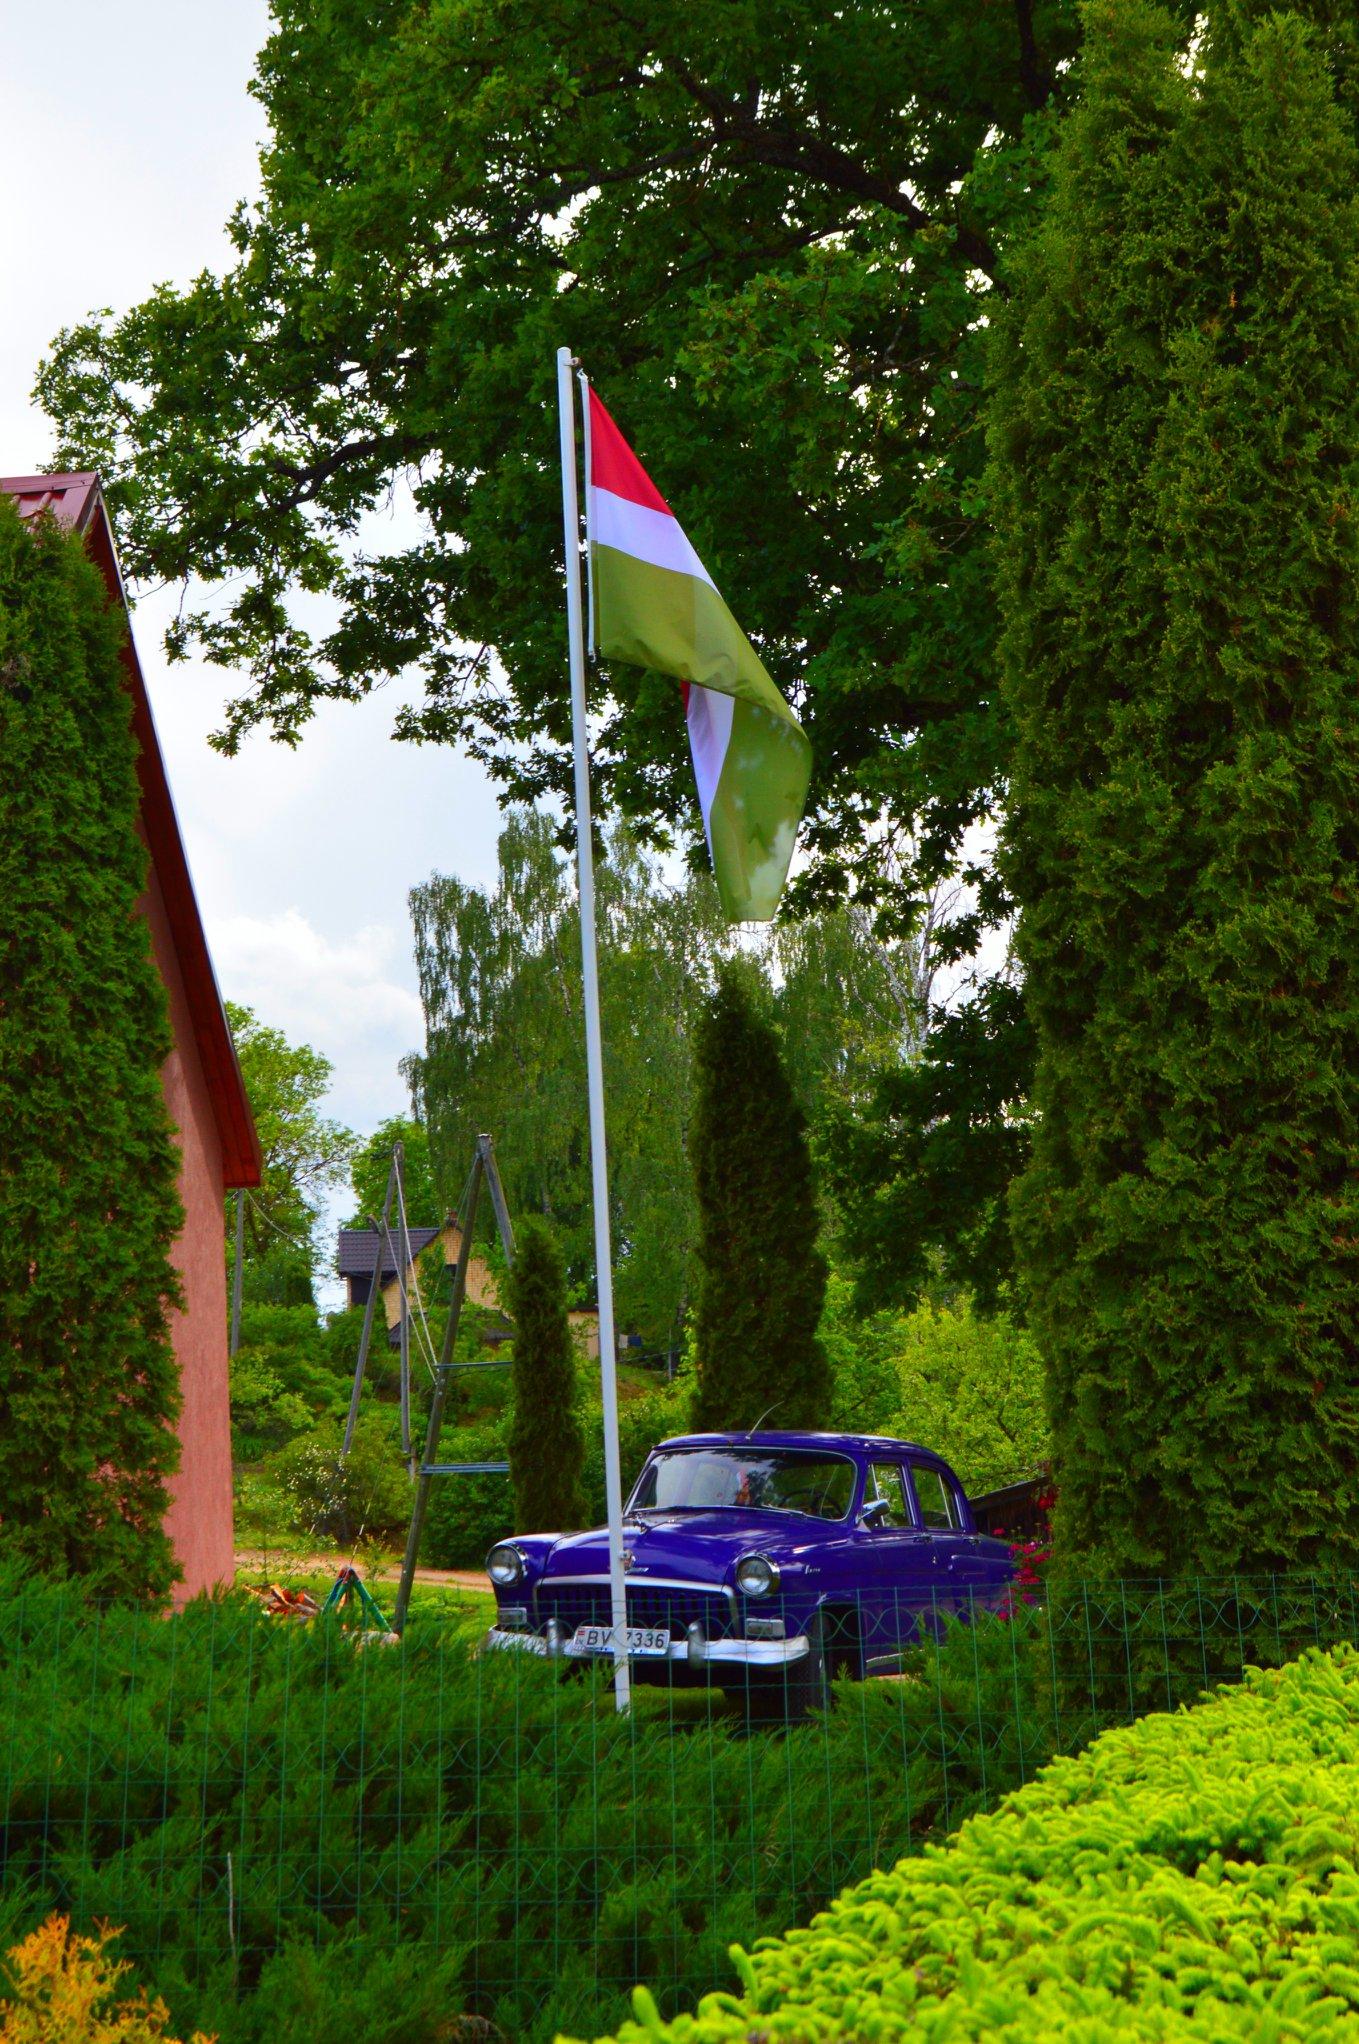 Sēlijas karogs pie privātmājas Viesītē. Foto: Jānis Dzimtais.